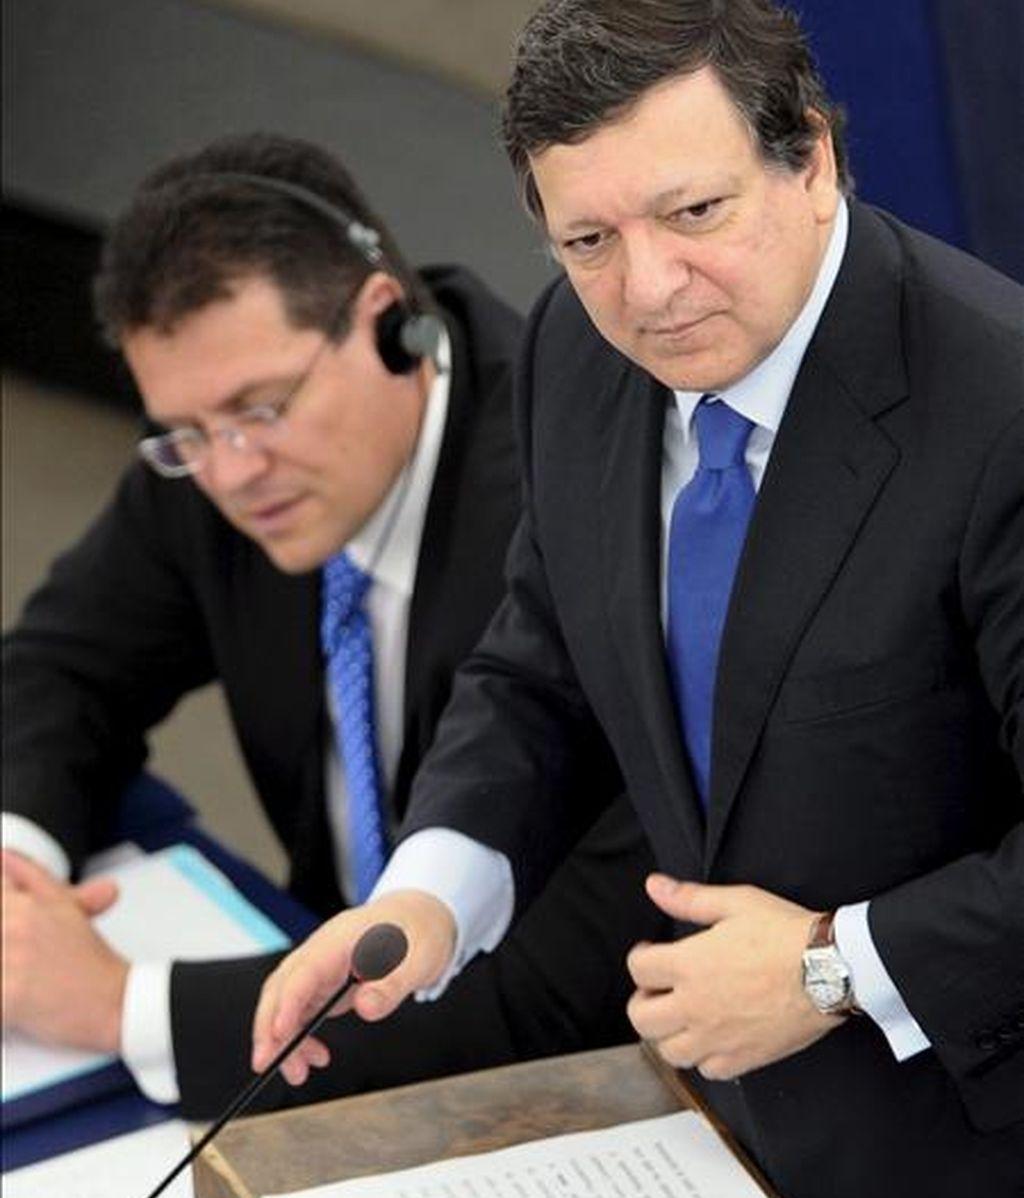 El presidente de la Comisión Europea, José Manuel Durao Barroso (d), pronuncia un discurso ante el pleno del Parlamento Europeo en Estrasburgo (Francia). Durante la sesión plenaria, el presidente del gobierno español, José Luis Rodríguez Zapatero, hizo balance de la presidencia española de la UE y se someterá al examen de los eurodiputados. EFE